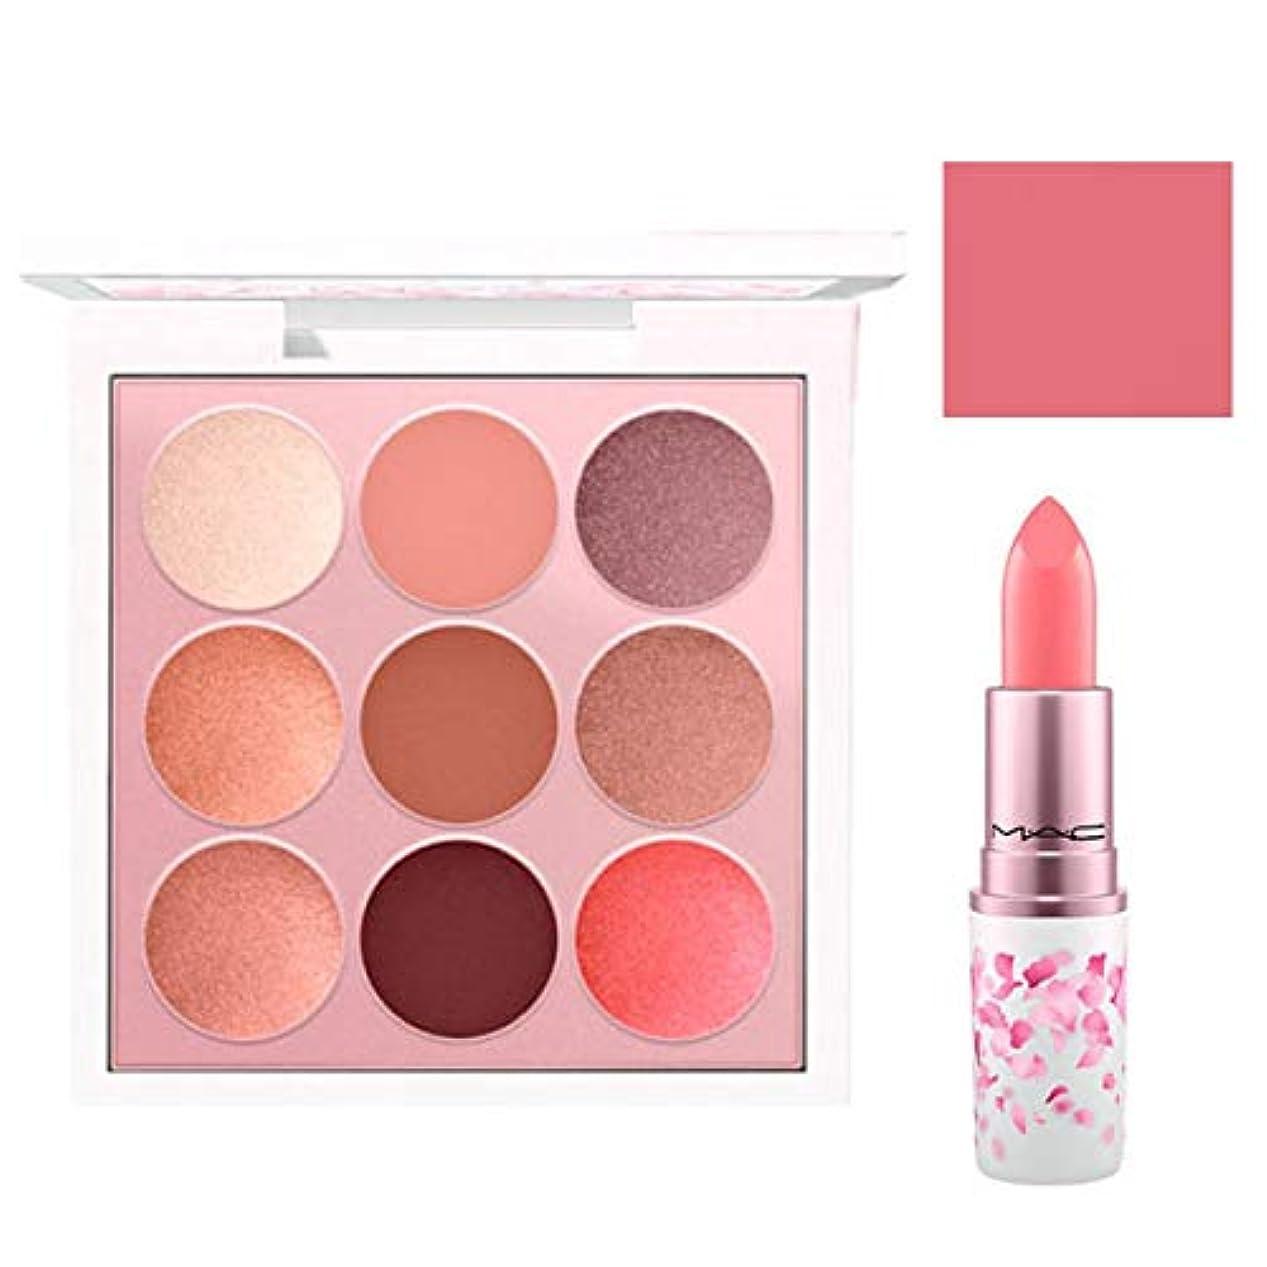 シェードピザペレットM.A.C 限定版, Boom, Boom, Bloom EyeShadow & Lipstick (Kabuki Doll Palette & Hi-Fructease) [海外直送品] [並行輸入品]